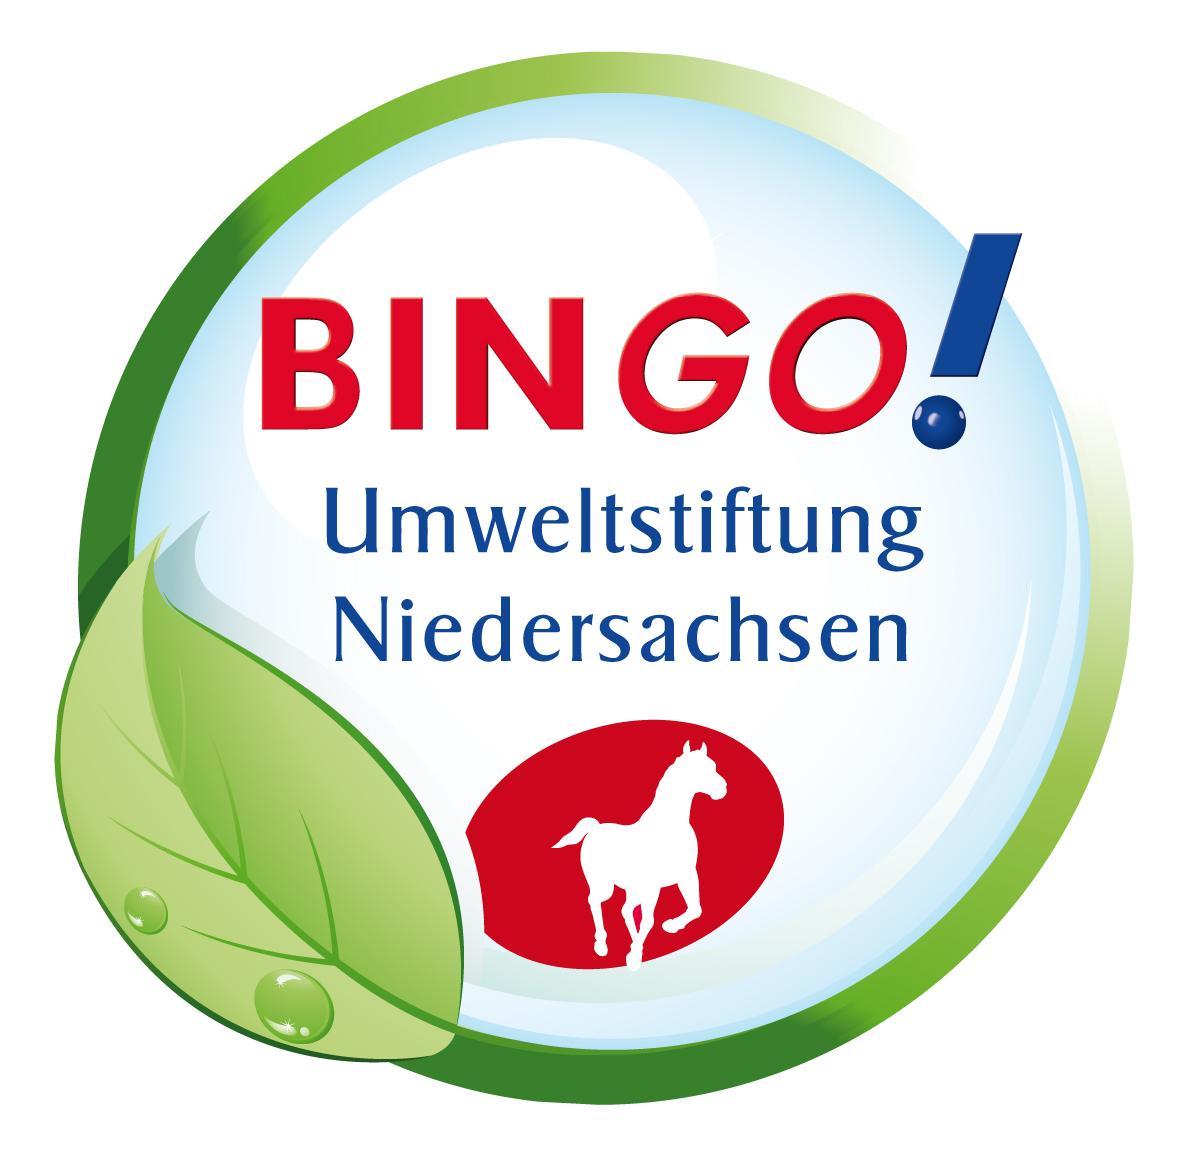 Logo Umweltstiftung Niedersachsen Bingo